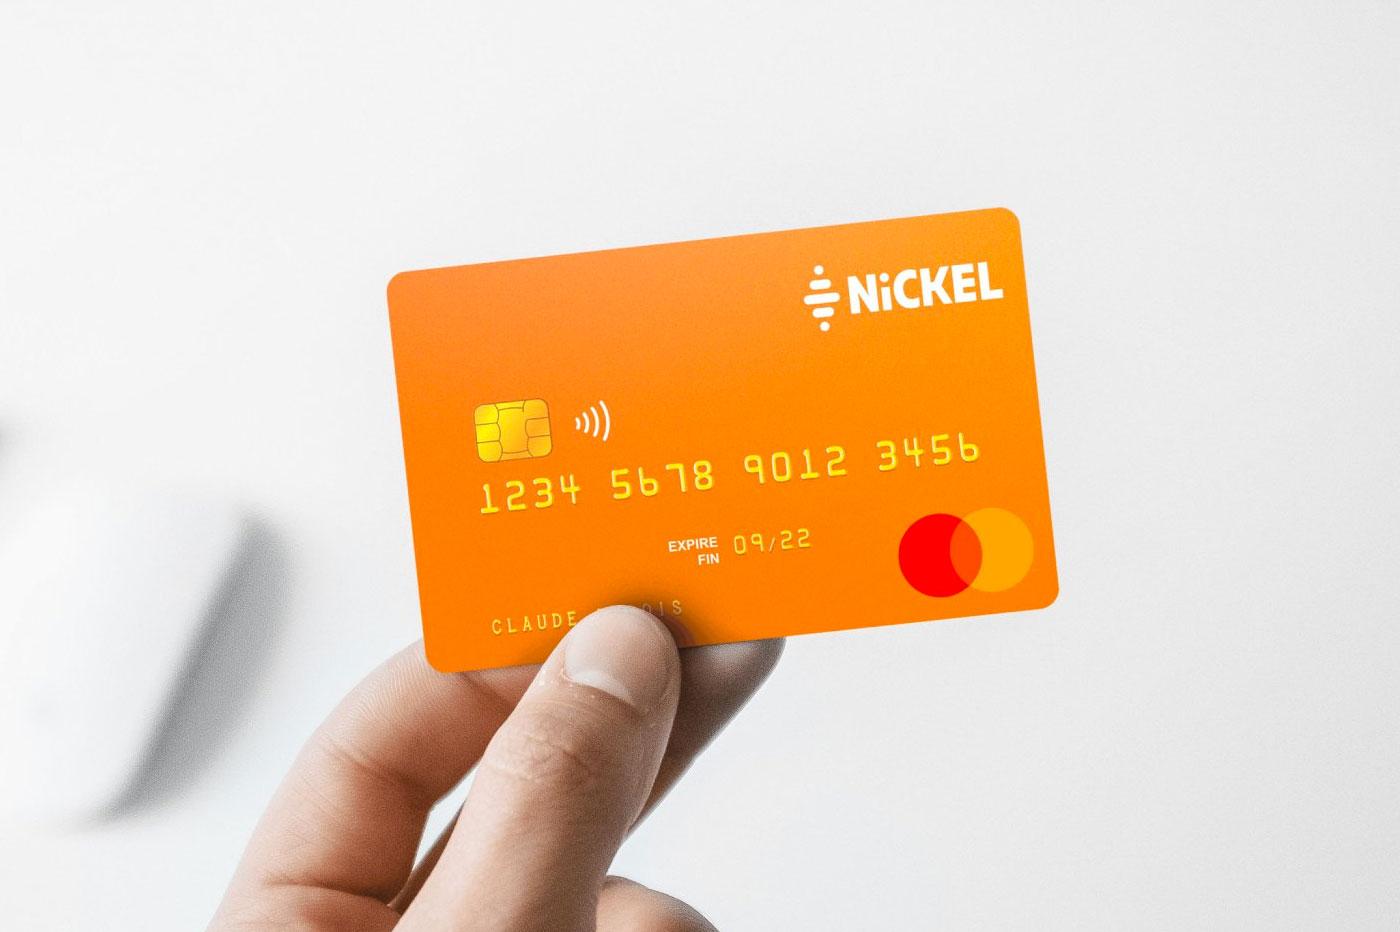 Avis Compte Nickel : qu'est-ce que c'est ce compte ?